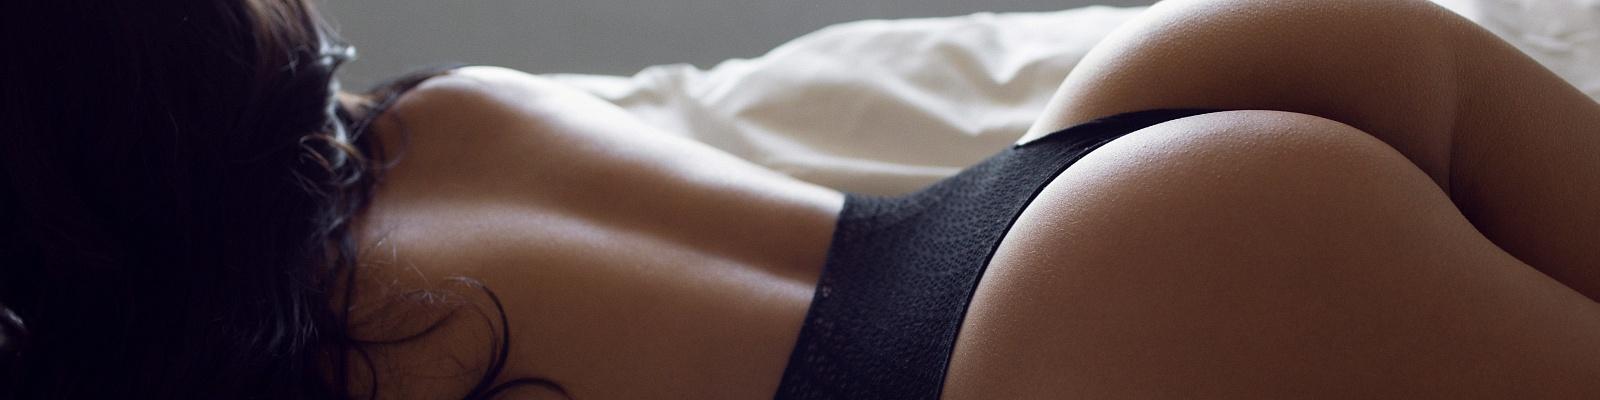 Khloe Valentina's Cover Photo